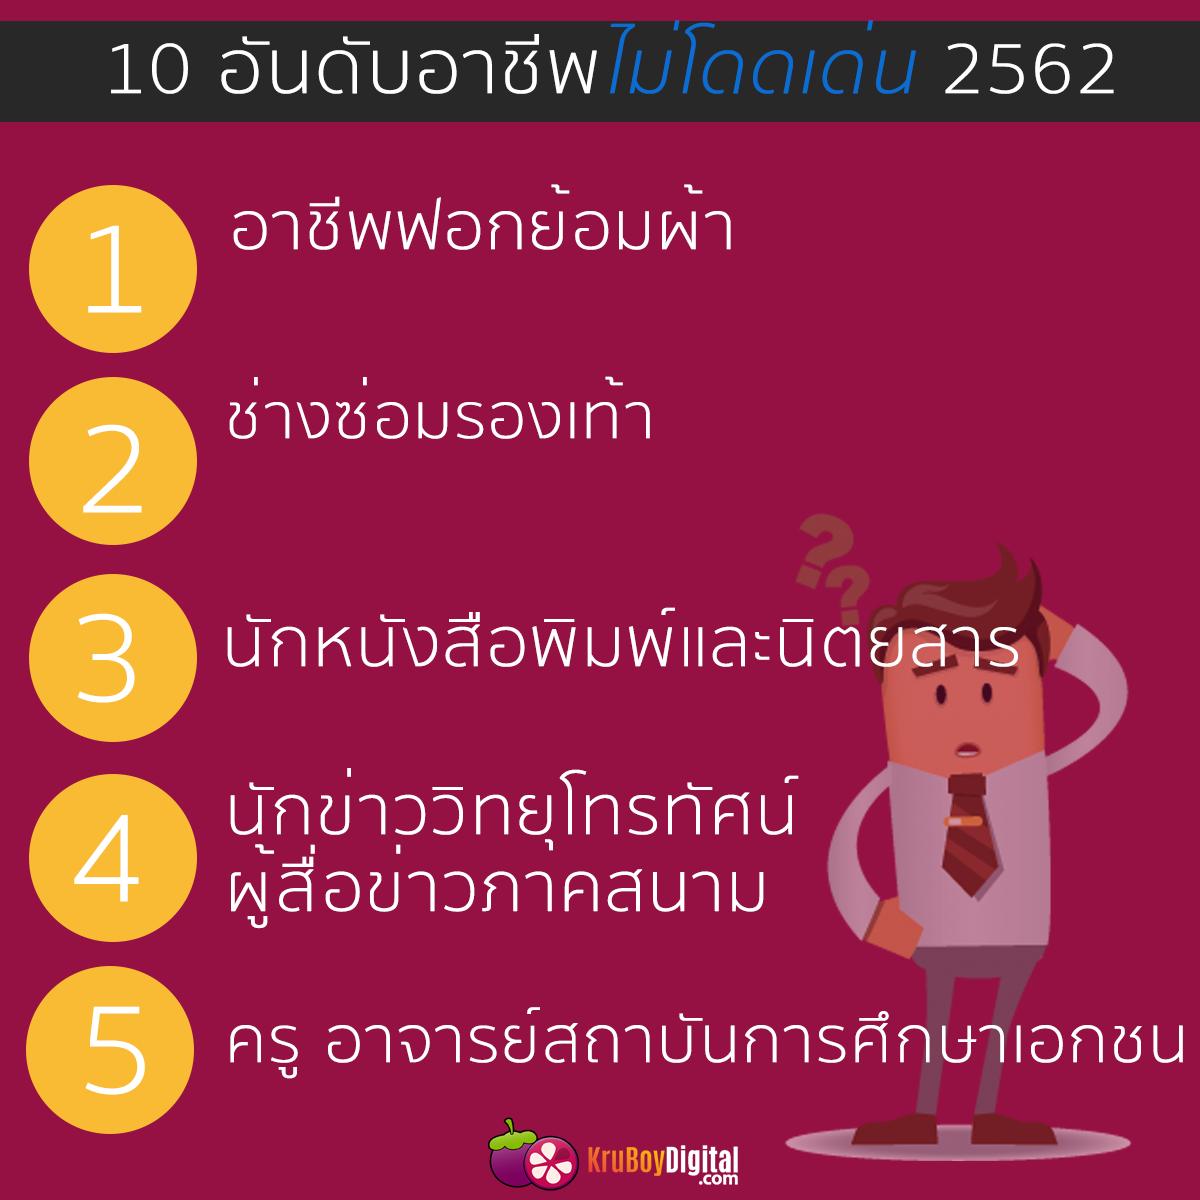 10 อาชีพที่มีไม่โดดเด่น